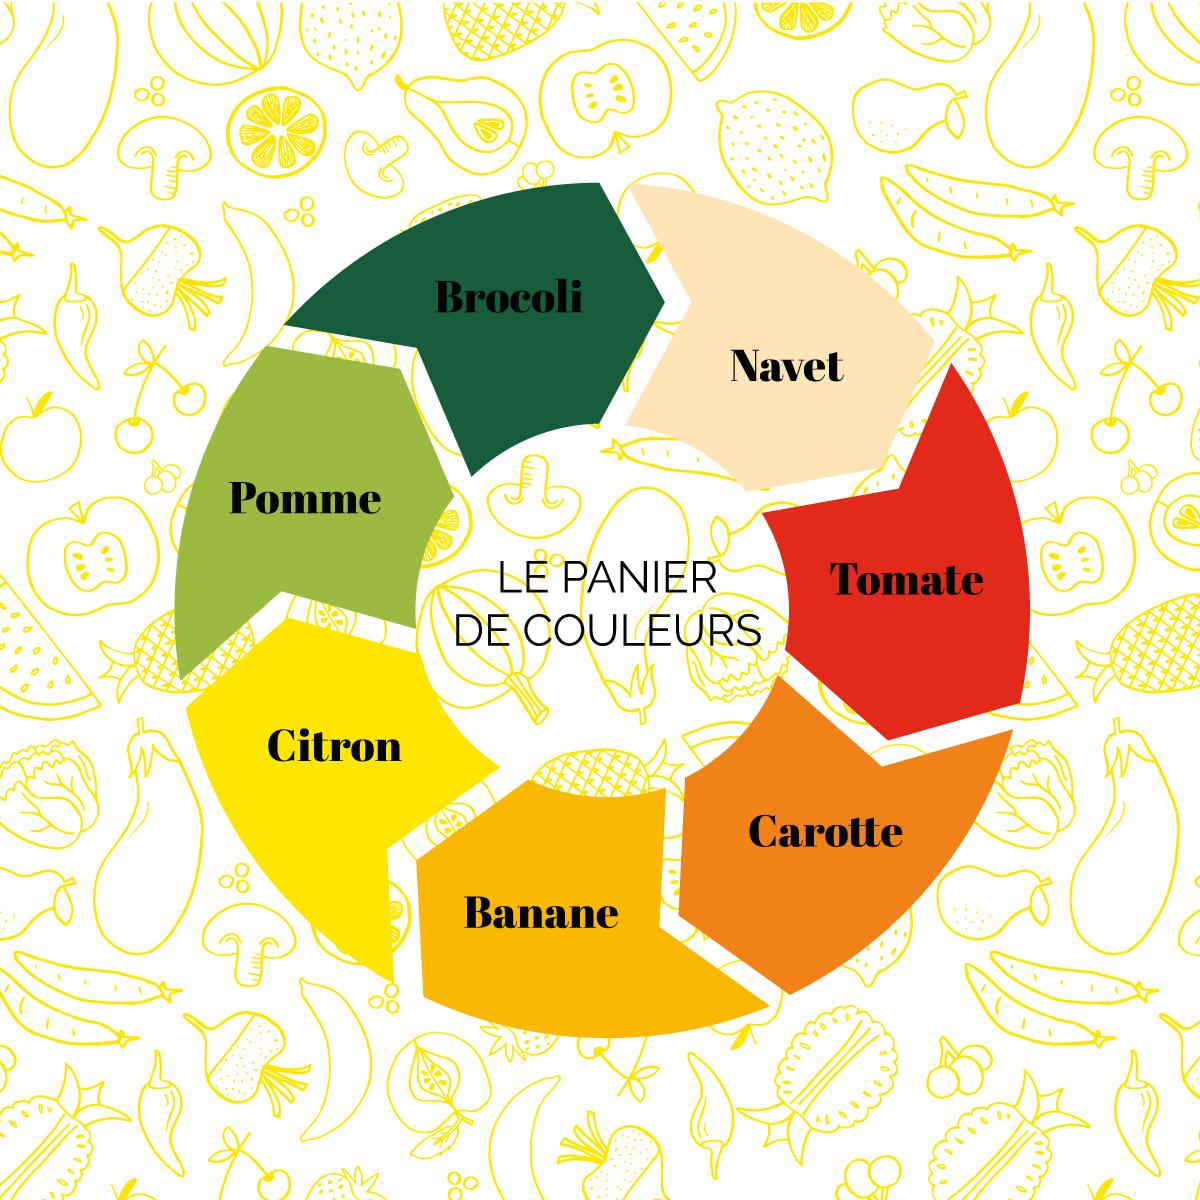 image-portfolio-cuisine-therapie-5